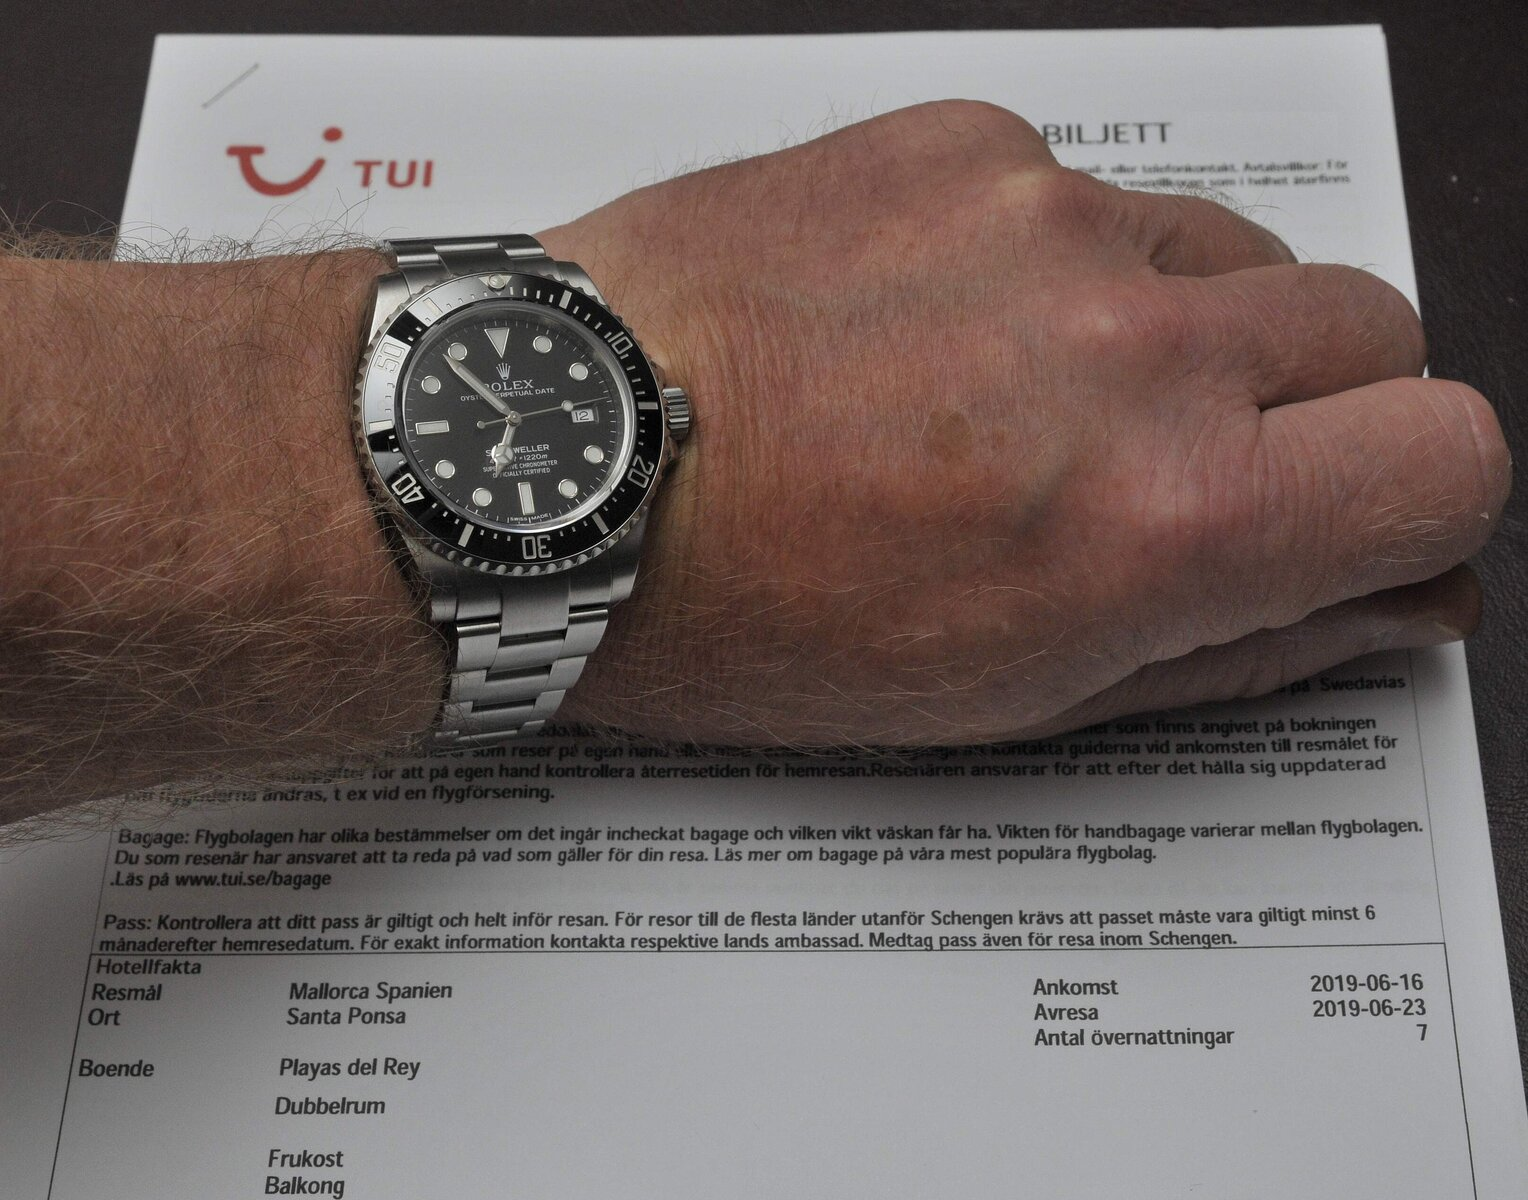 Rolex 2019-06-12 (biljett).